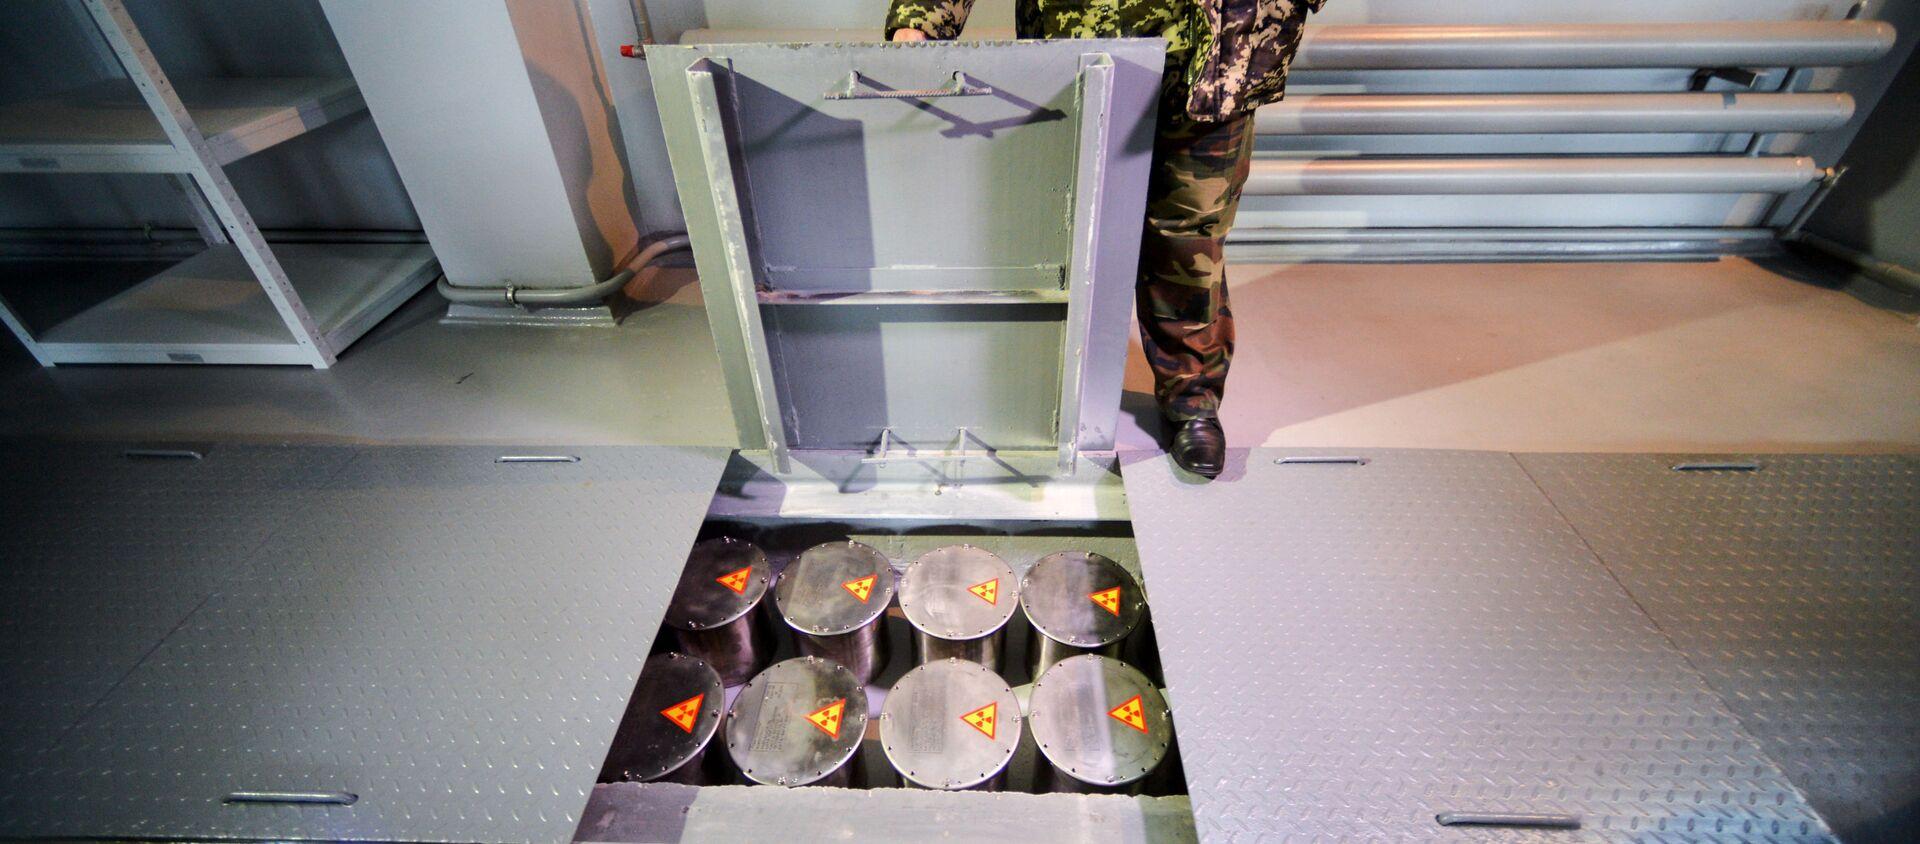 Контейнеры в комплексе производств по дезактивации и захоронению радиоактивных отходов - Sputnik 日本, 1920, 18.03.2018